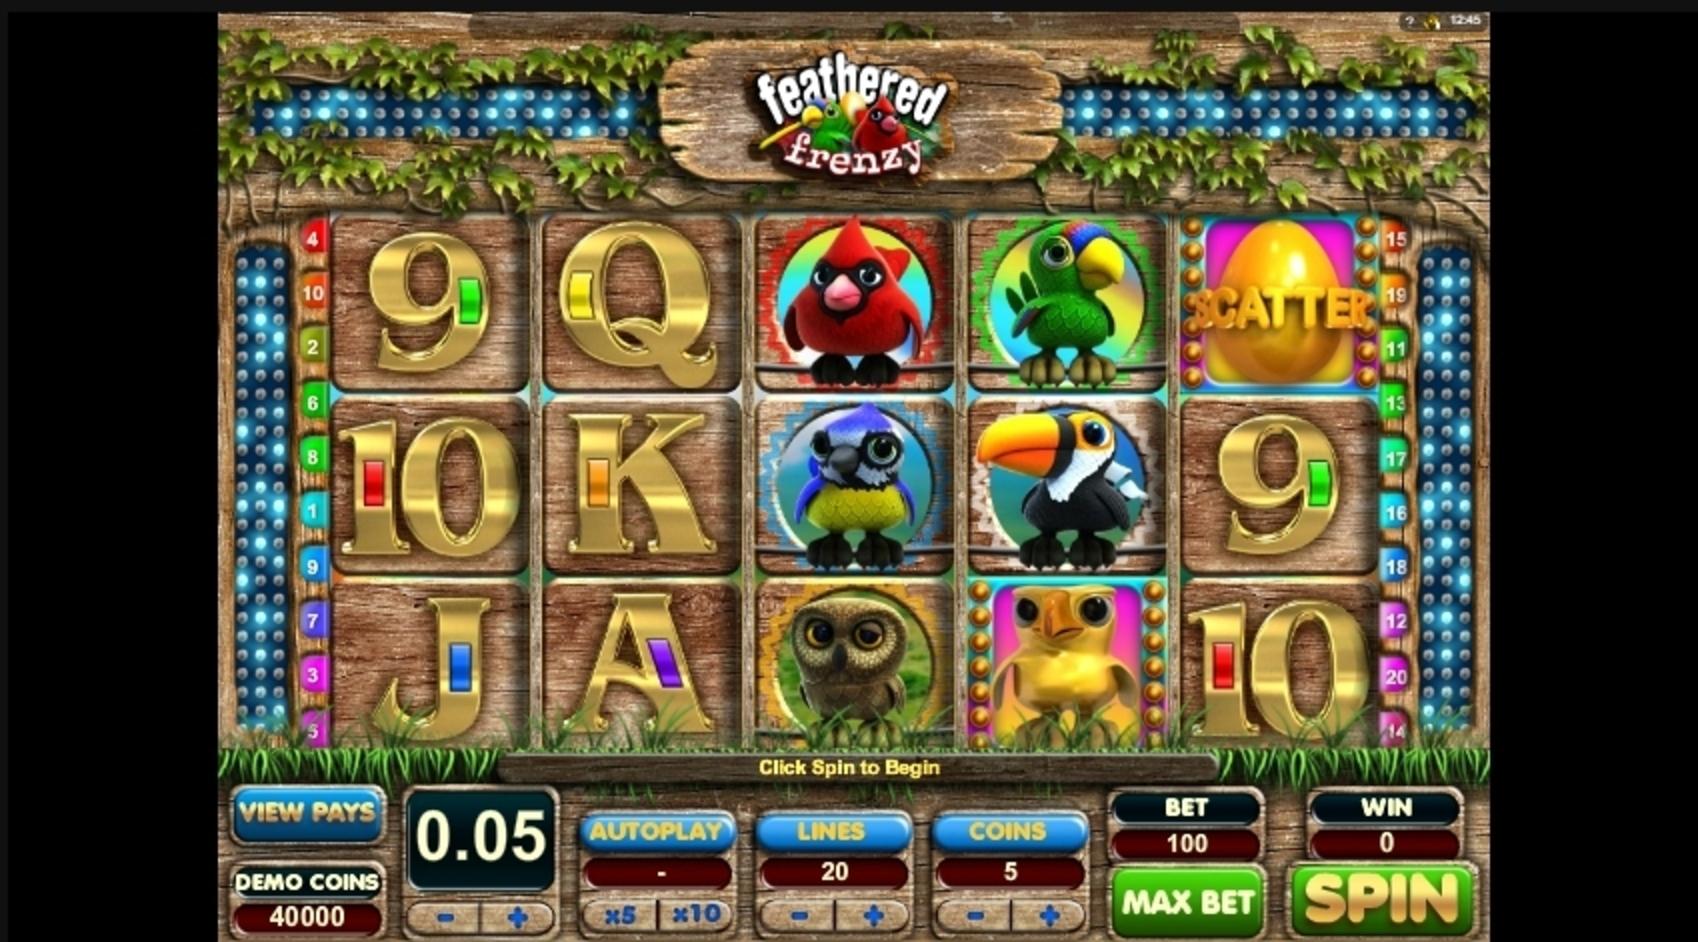 Feathered Frenzy Slot Machine